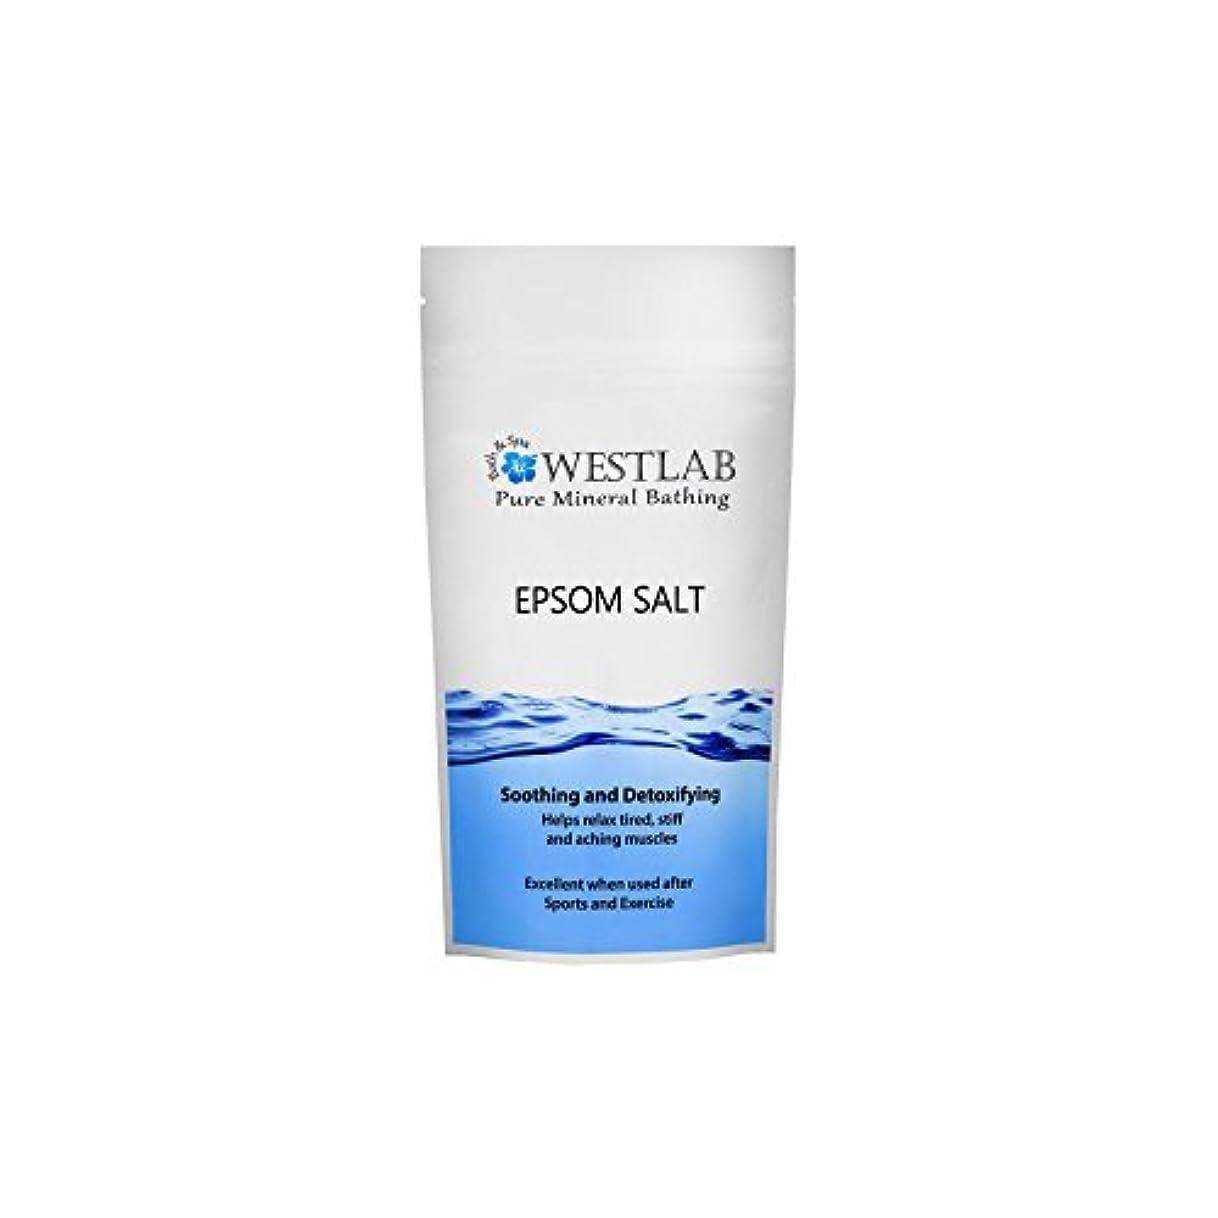 アスリートシャトル昼間エプソム塩の2キロ x2 - Westlab Epsom Salt 2kg (Pack of 2) [並行輸入品]